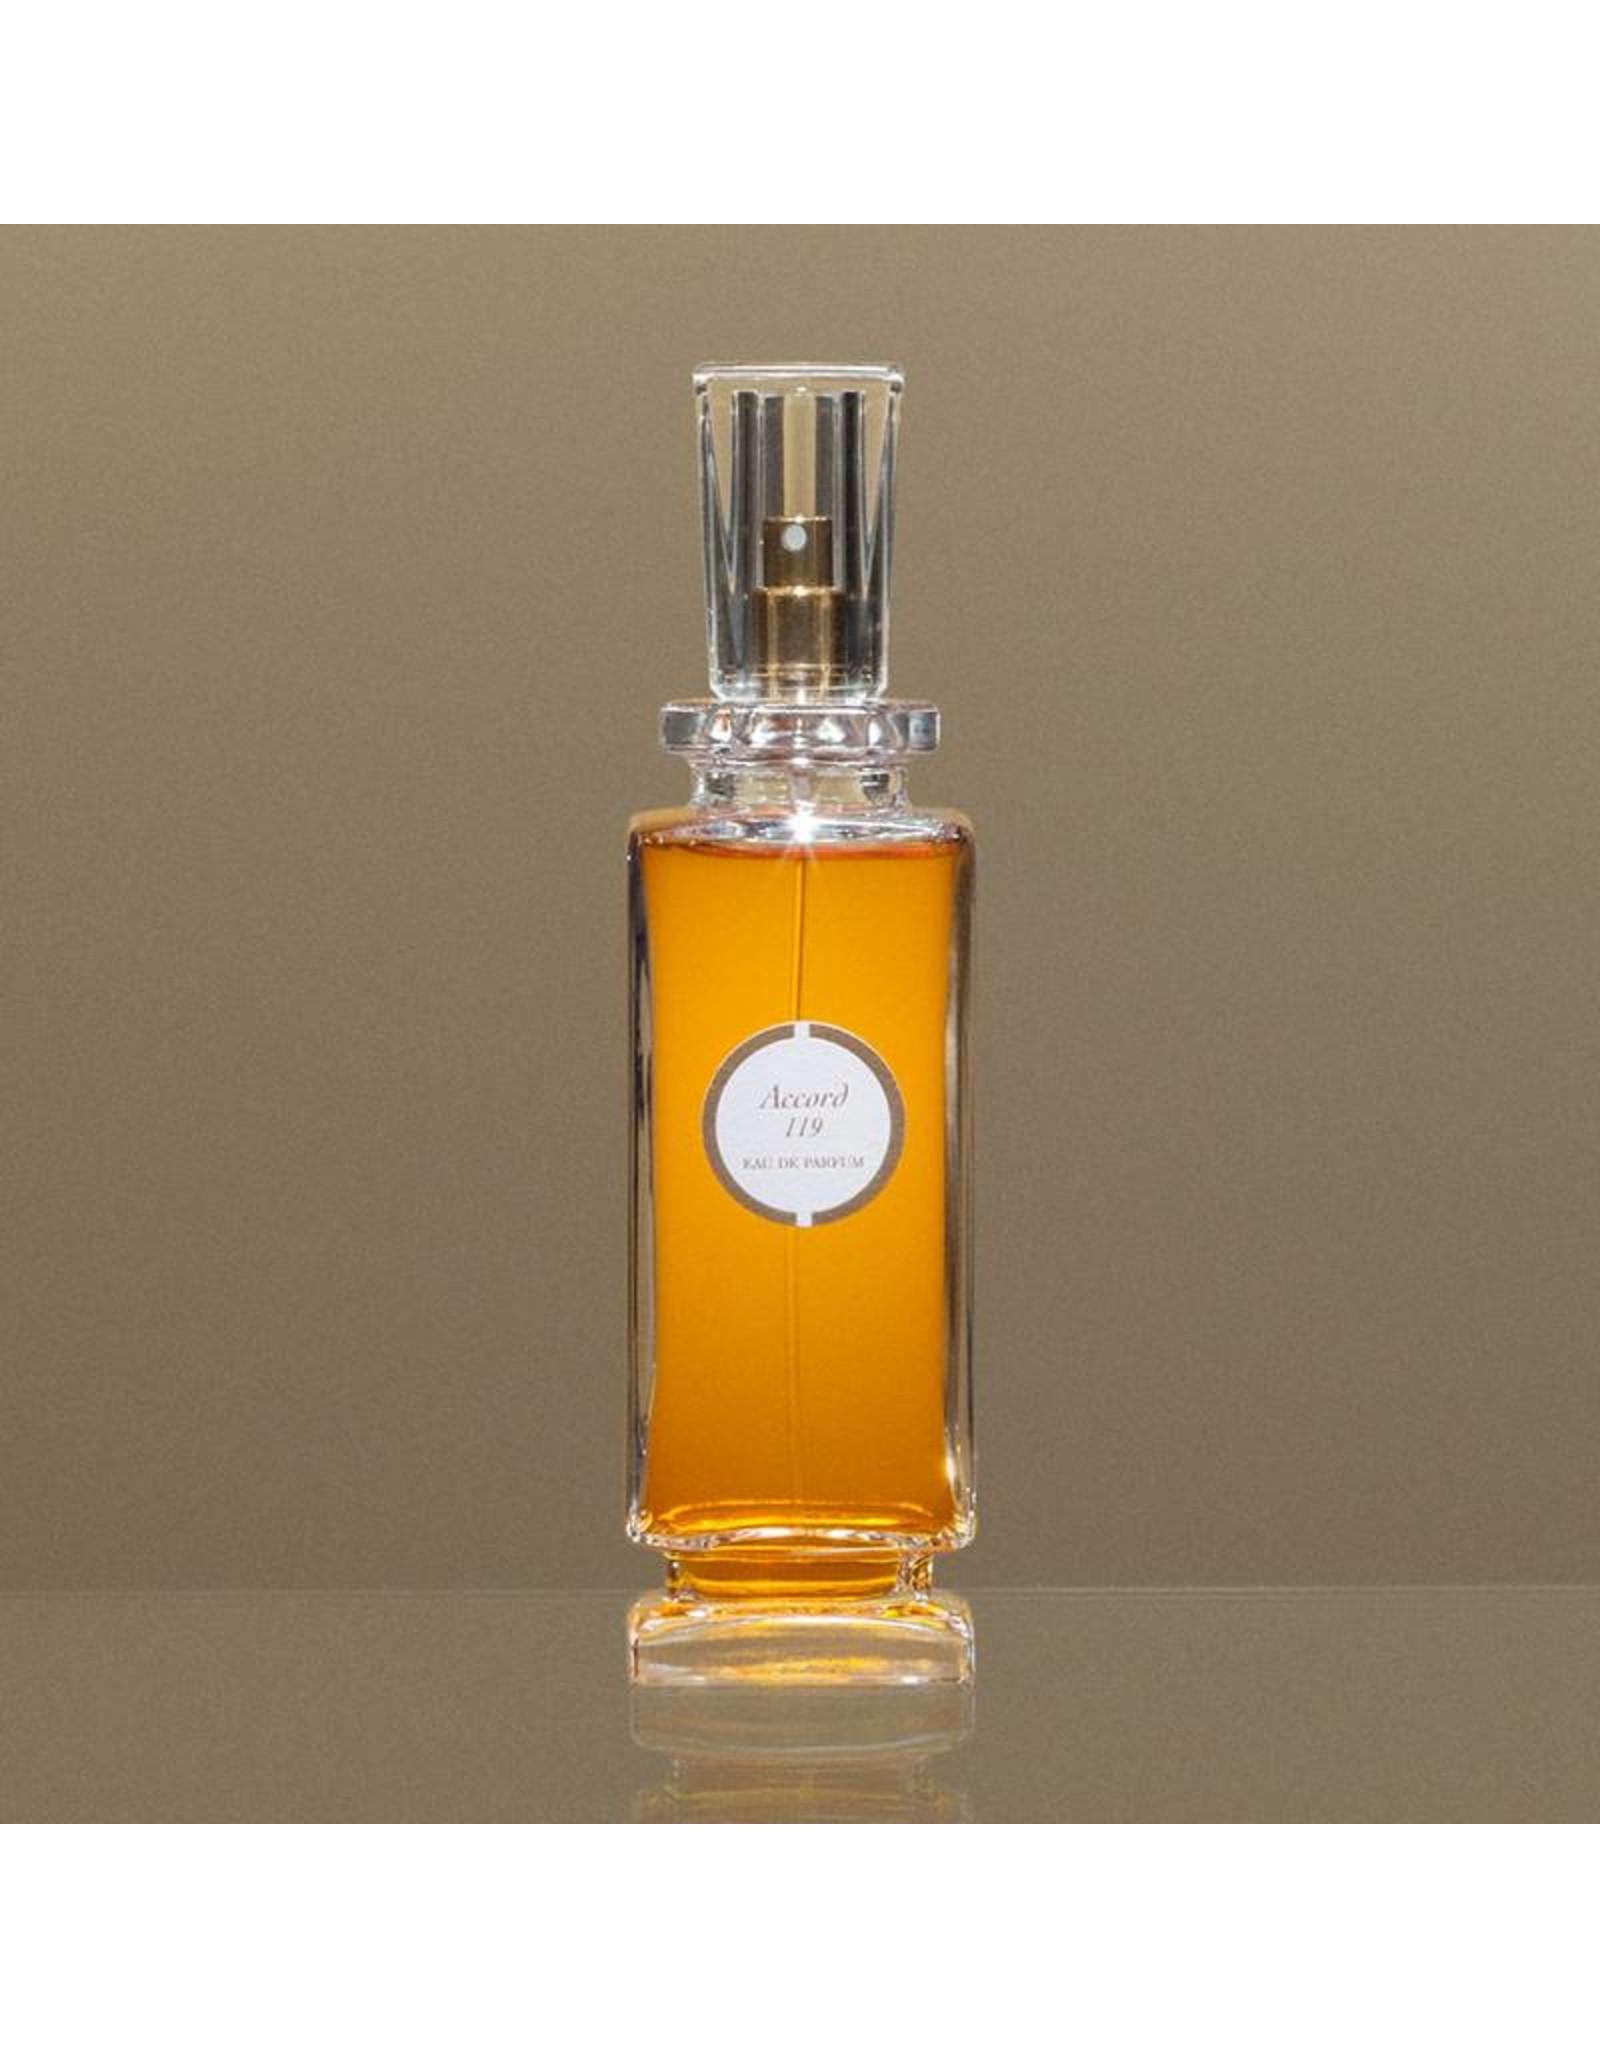 Caron Paris Haute Parfumerie - Accord 119